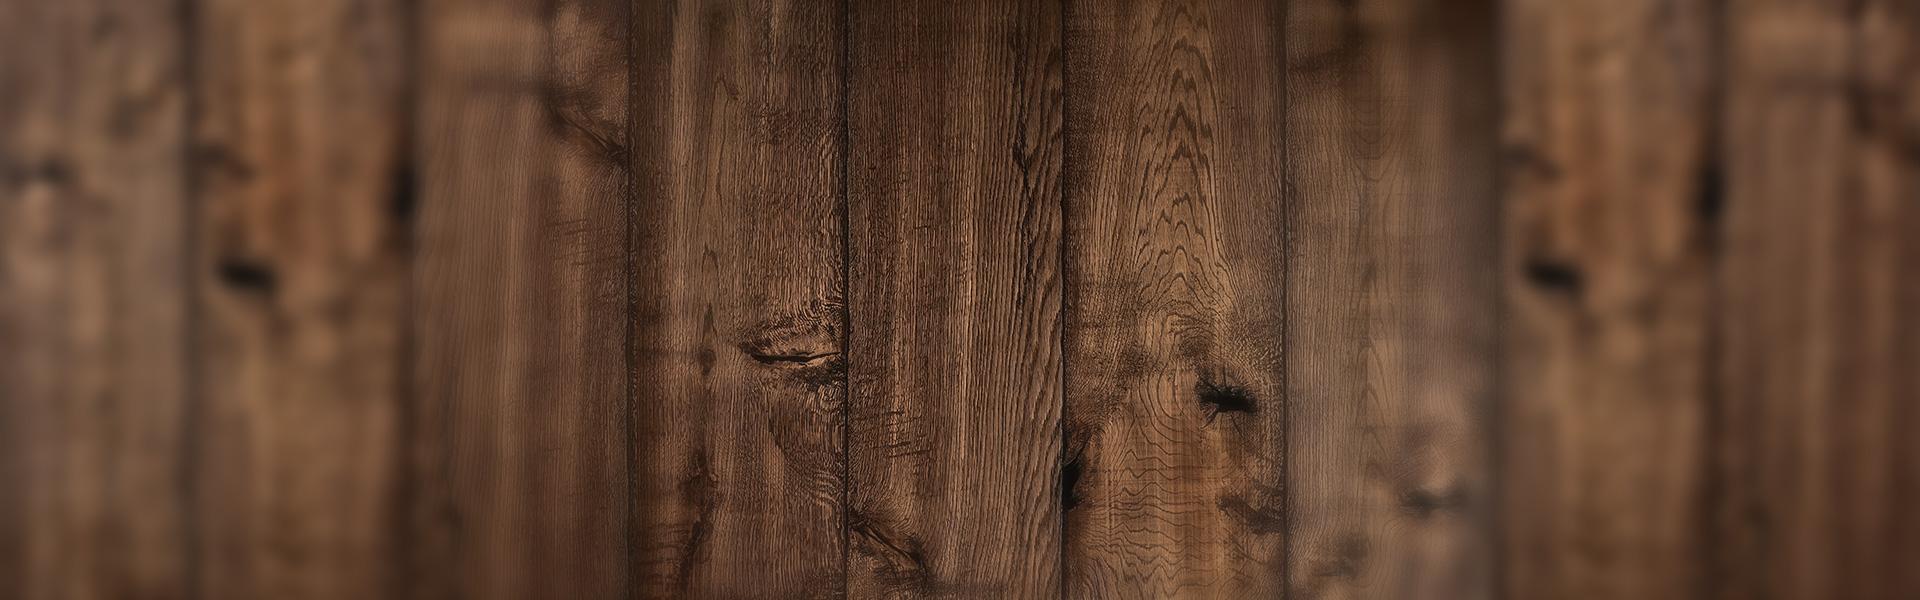 slider_wood